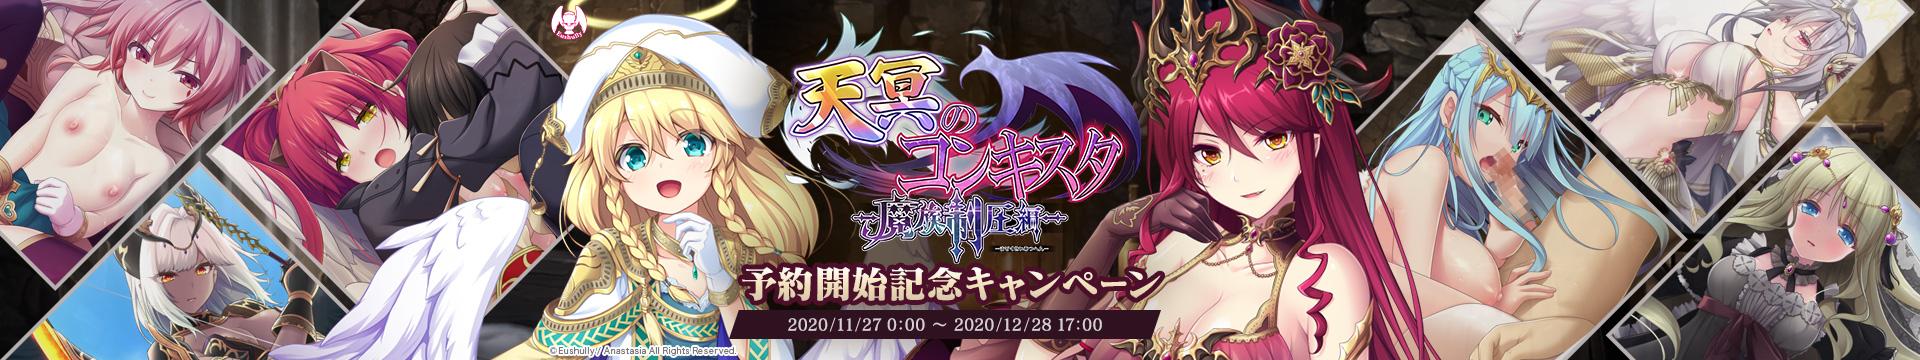 天冥のコンキスタ-魔族制圧編-予約開始記念キャンペーン - 2020/11/27 0:00 〜 2020/12/28 17:00